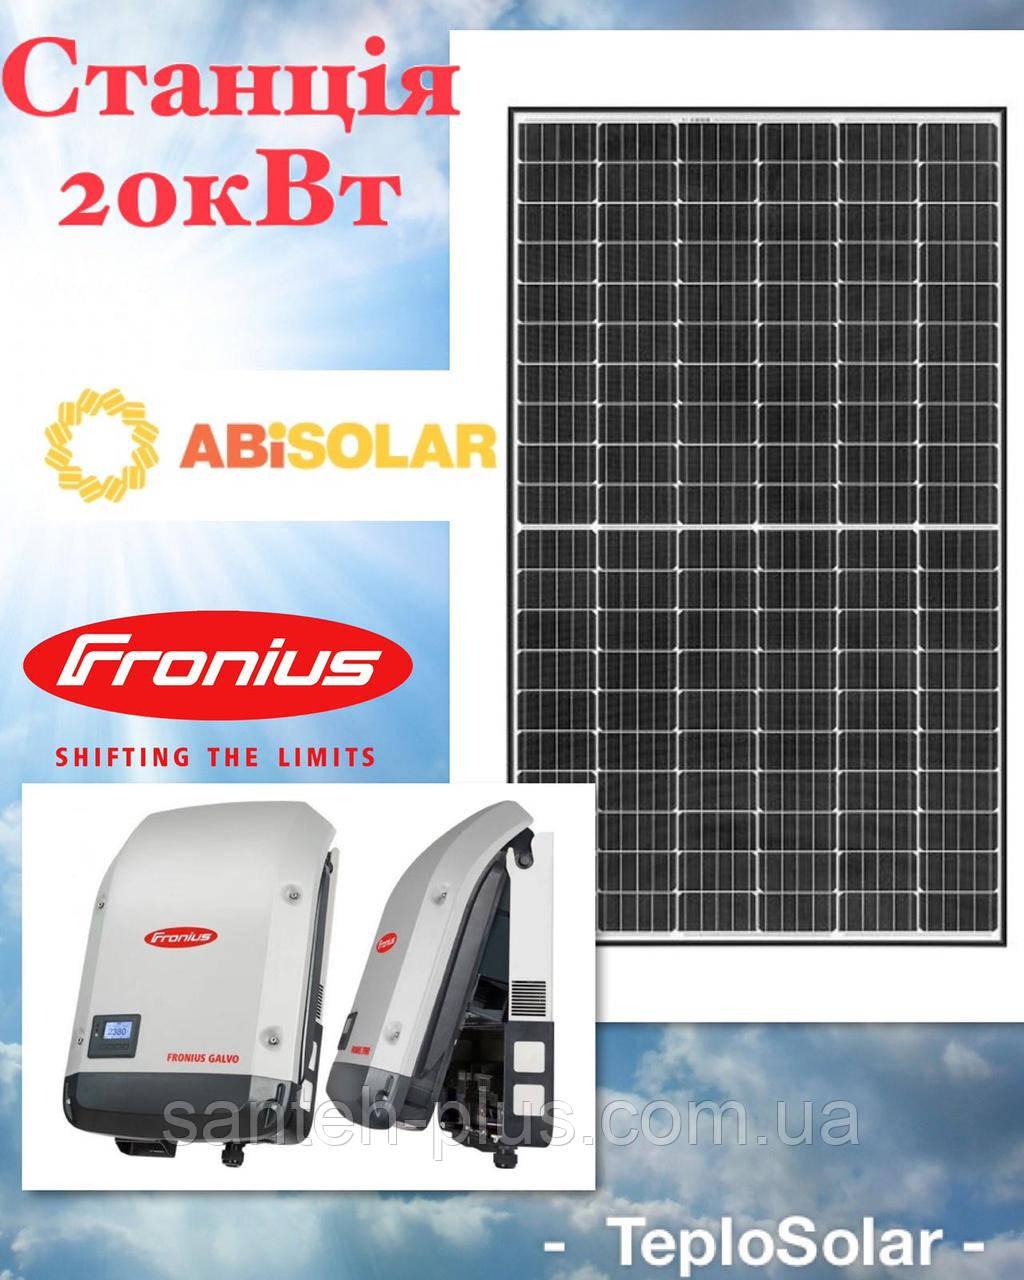 Сонячна електростанція 20 кВт, інвертор Fronius, панелі AbiSolar